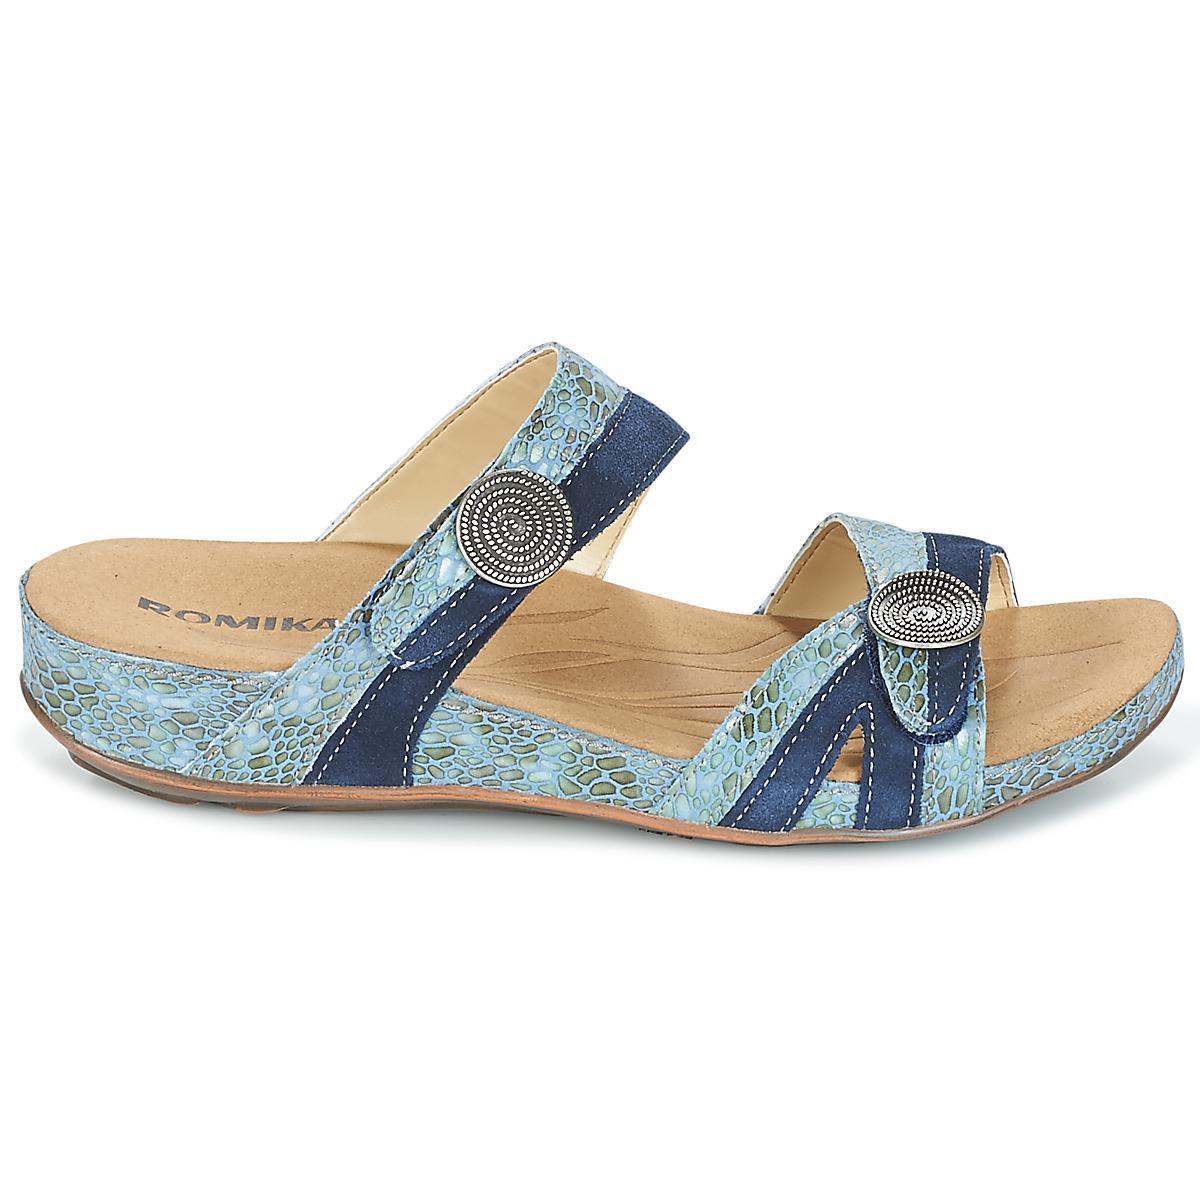 12504e811da735 Romika Fidschi 22 Women s Mules   Casual Shoes In Blue in Blue - Lyst